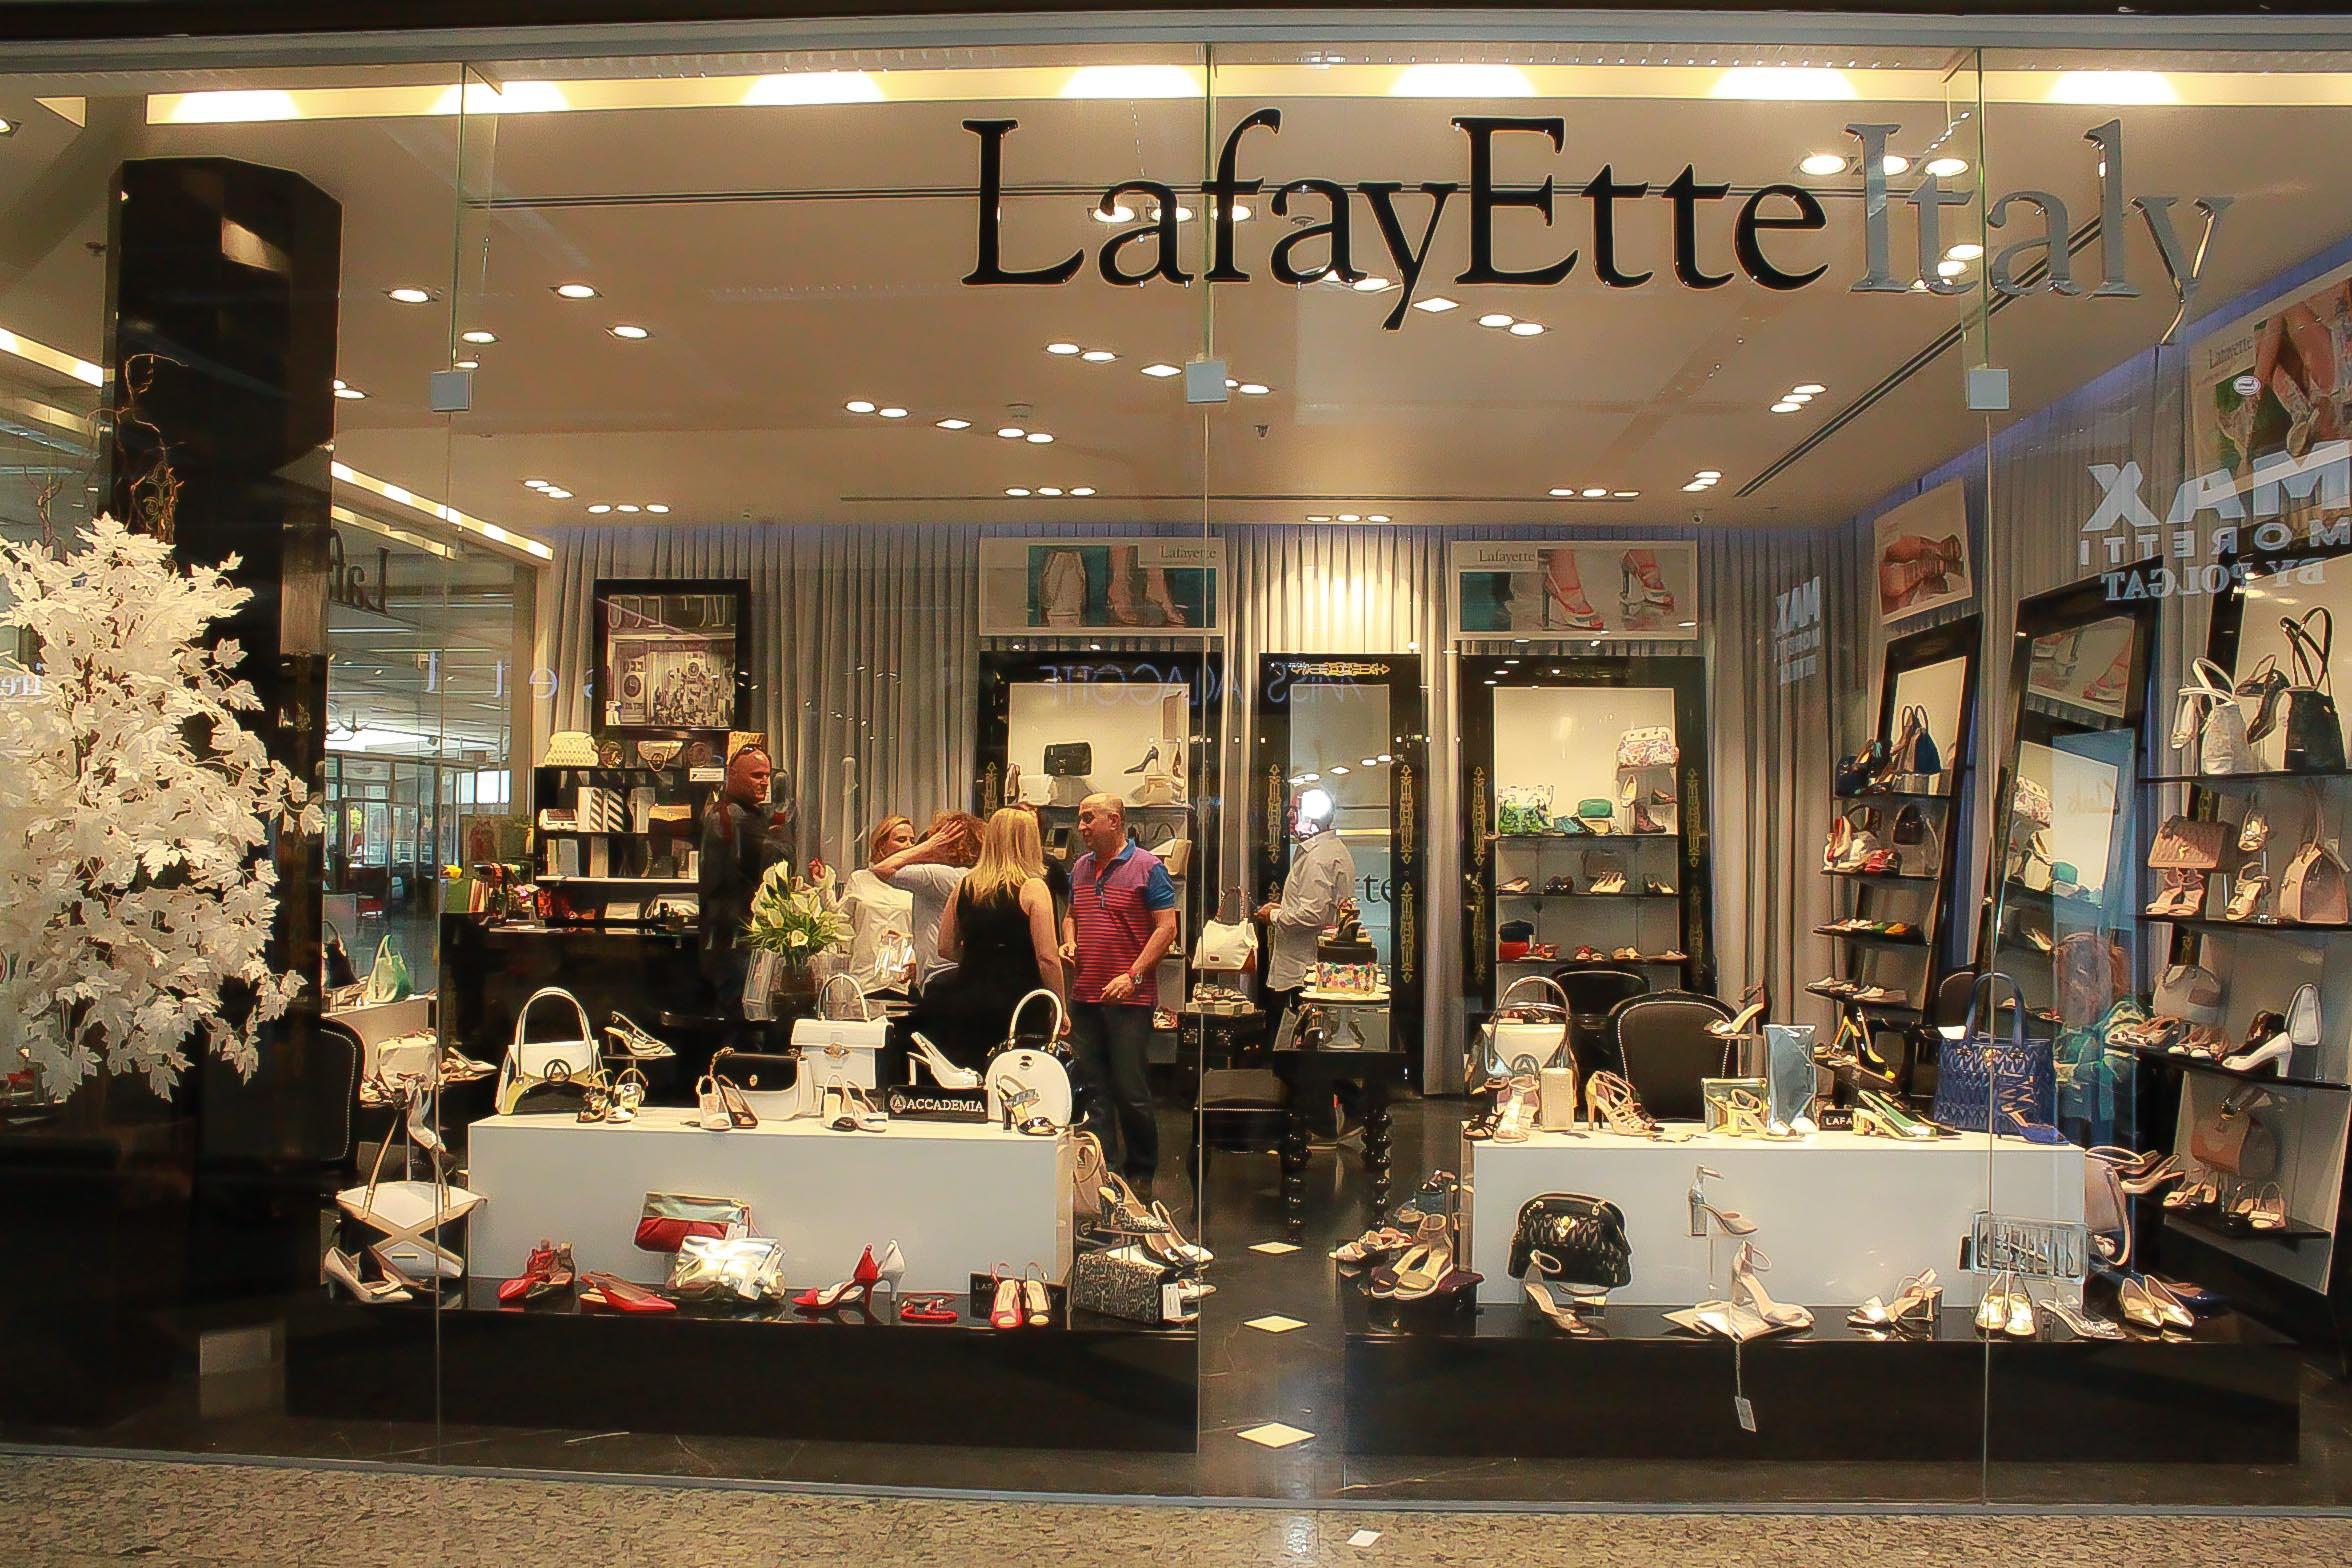 Обувных дел мастер: Рафи Баллас, владелец сети Lafayette Italy – о семейных традициях, качественной обуви и о том, чего хочет женщина